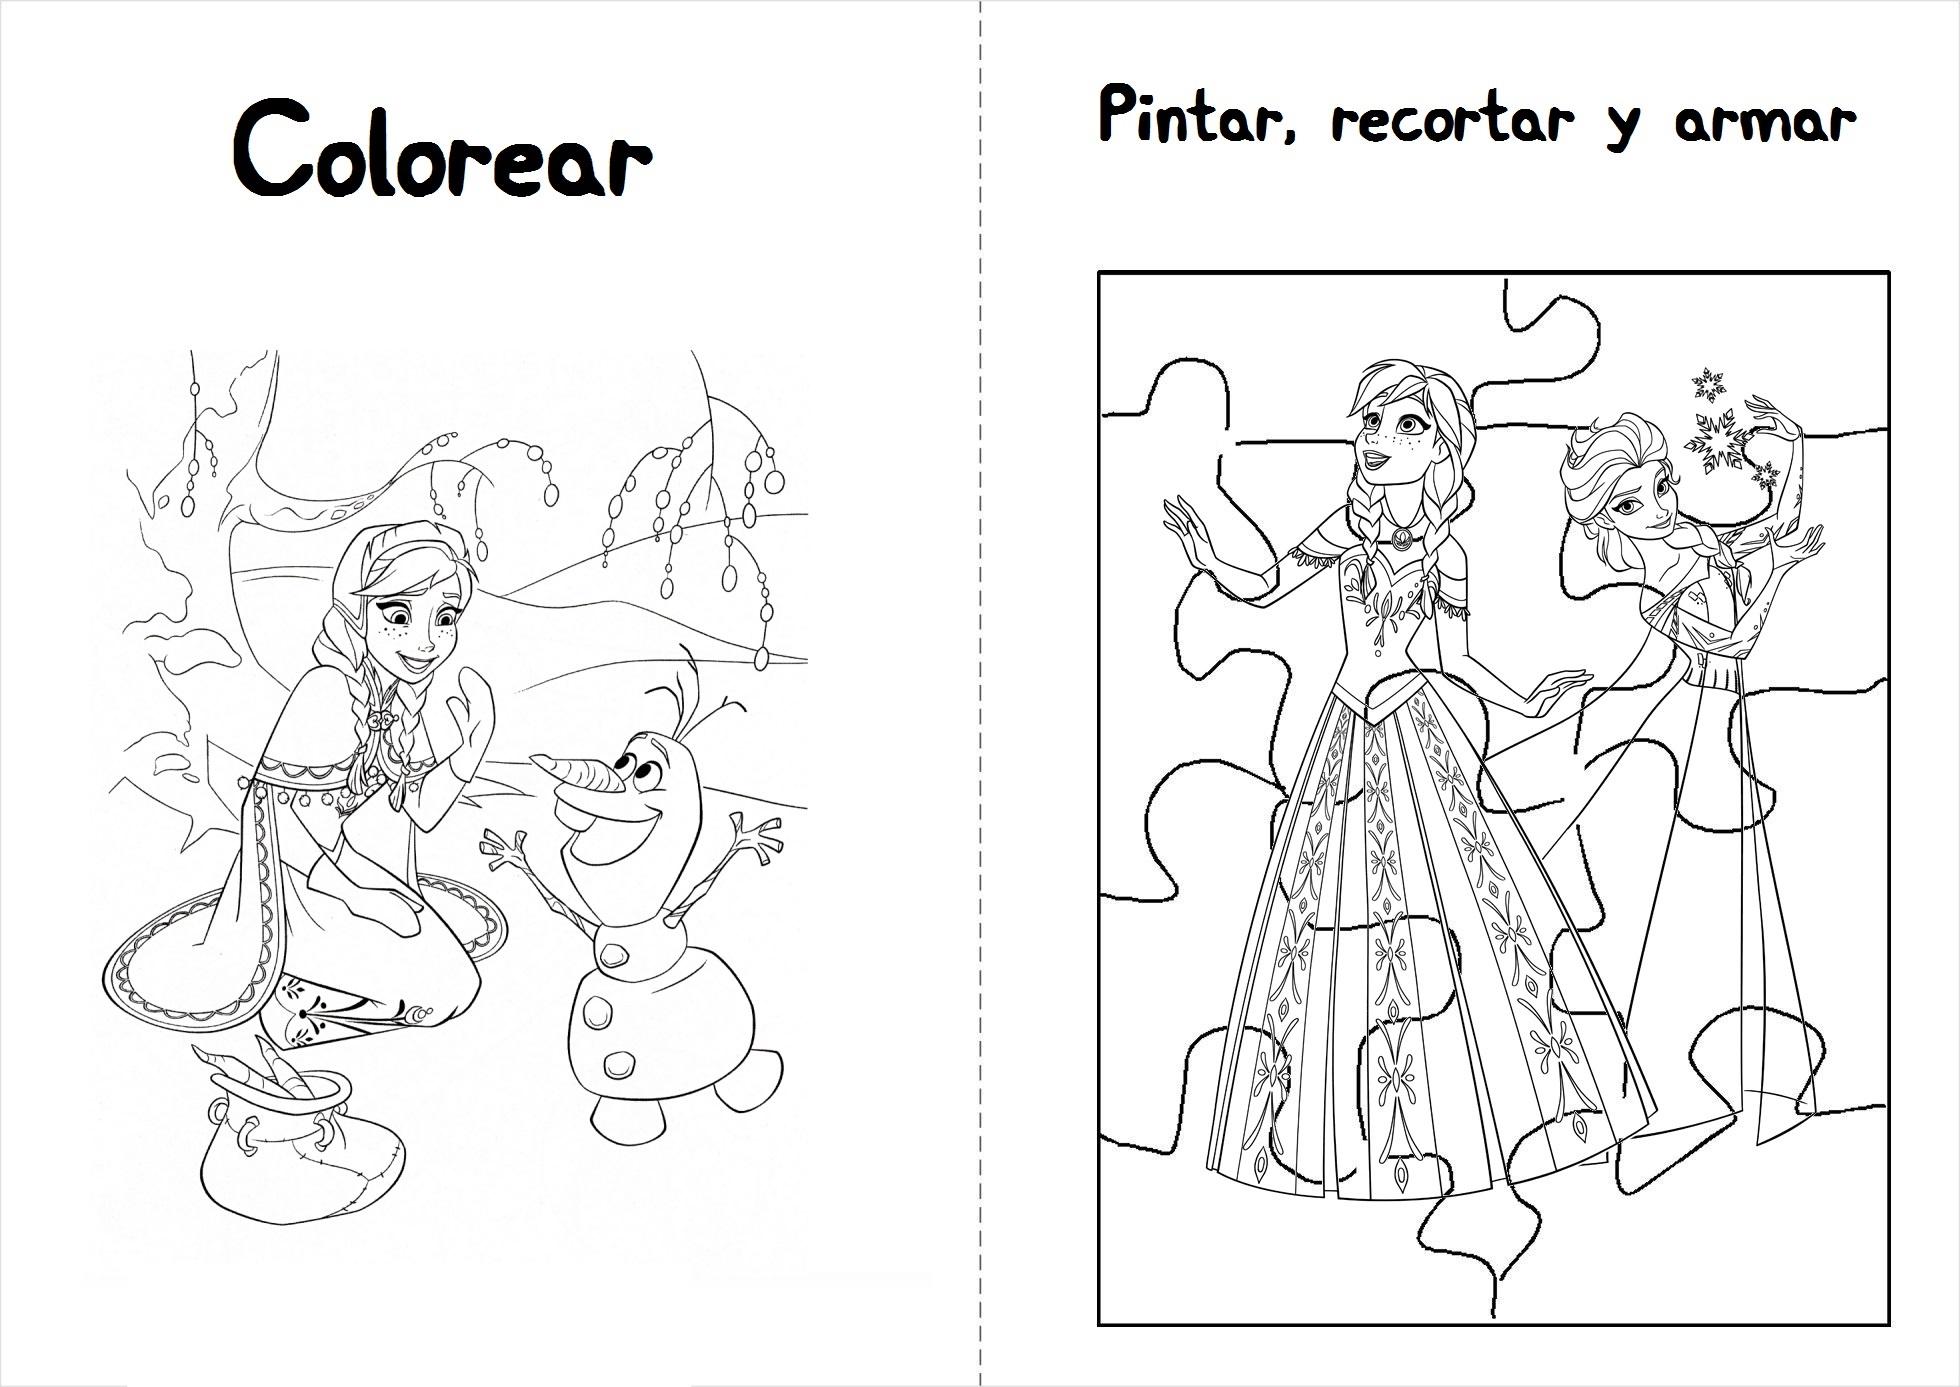 Dibujos Para Colorear E Imprimir De Frozen: Actividades De Frozen Para Descargar E Imprimir